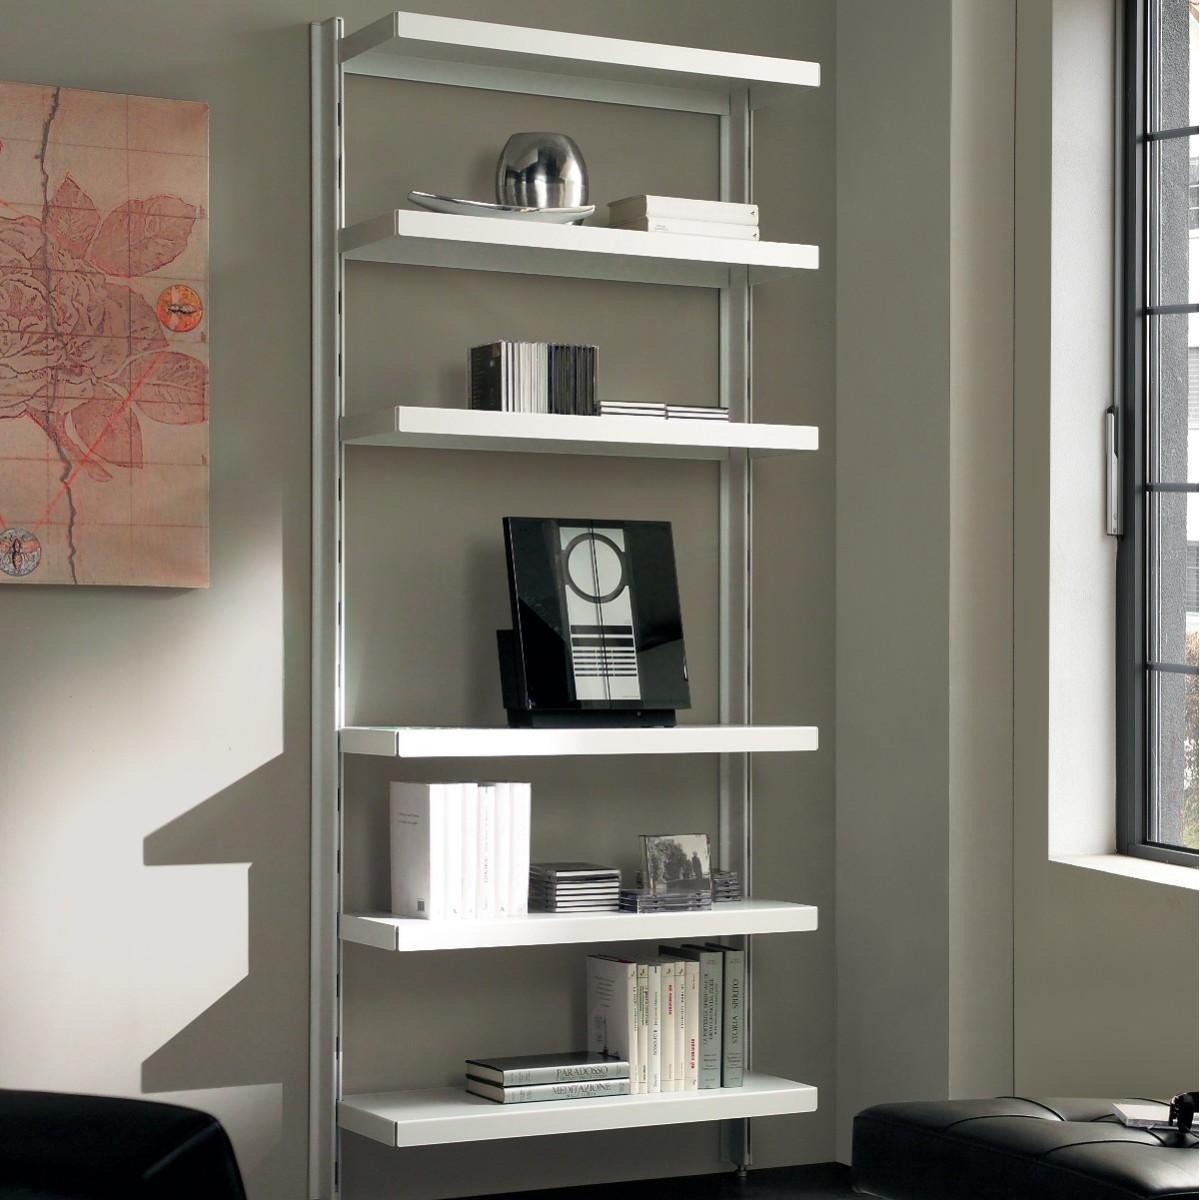 Arredamento librerie moderne tra le librerie ikea pi for Librerie componibili moderne